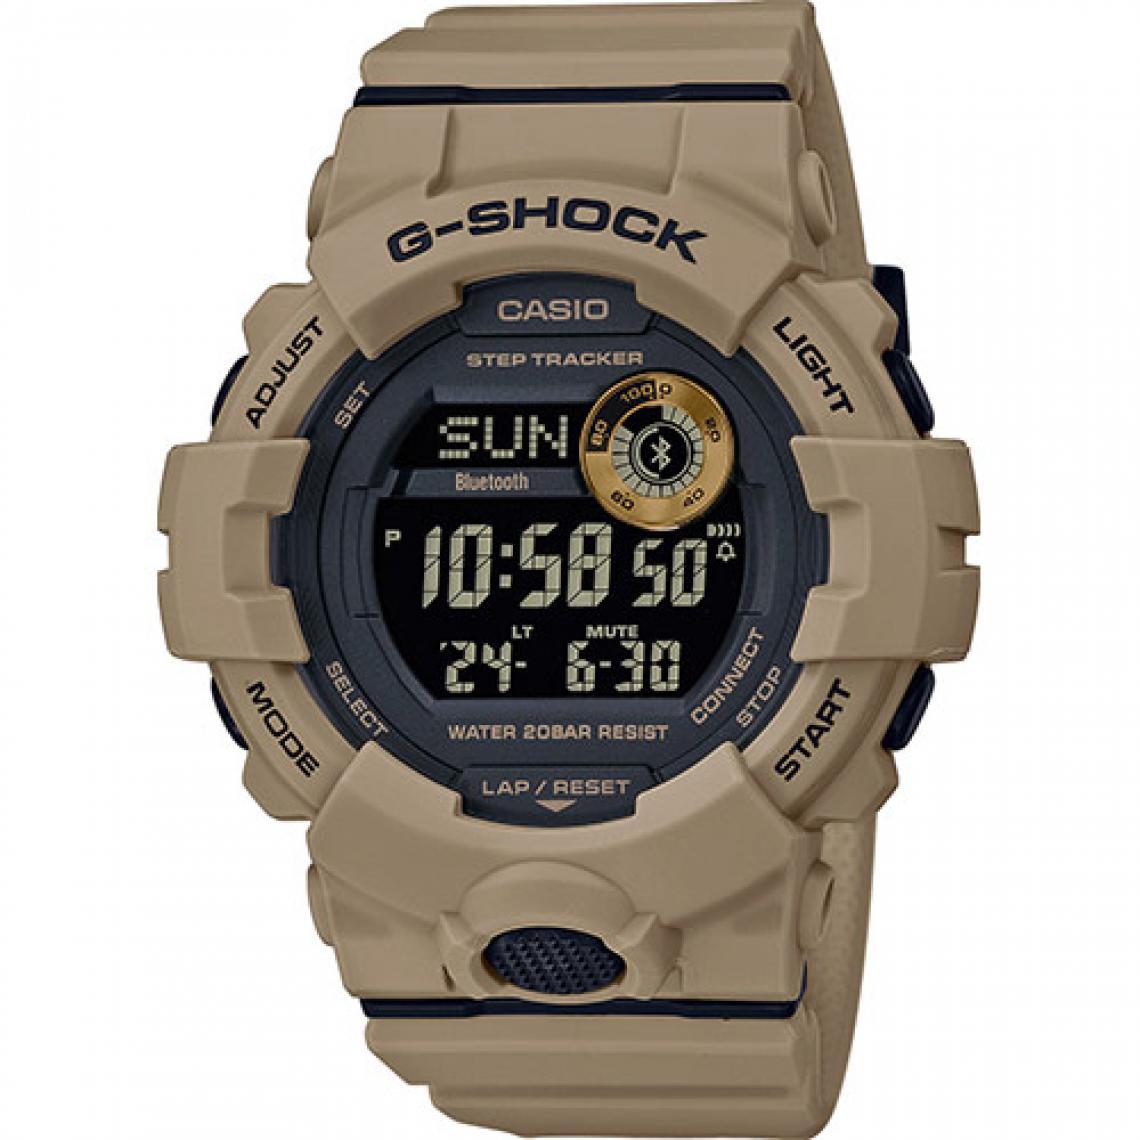 nouveau produit 50fd4 e8da7 Montre Connectée Casio G-Shock GBD-800UC-5ER - Montre Connectée Affichage  Digital Casio Montres